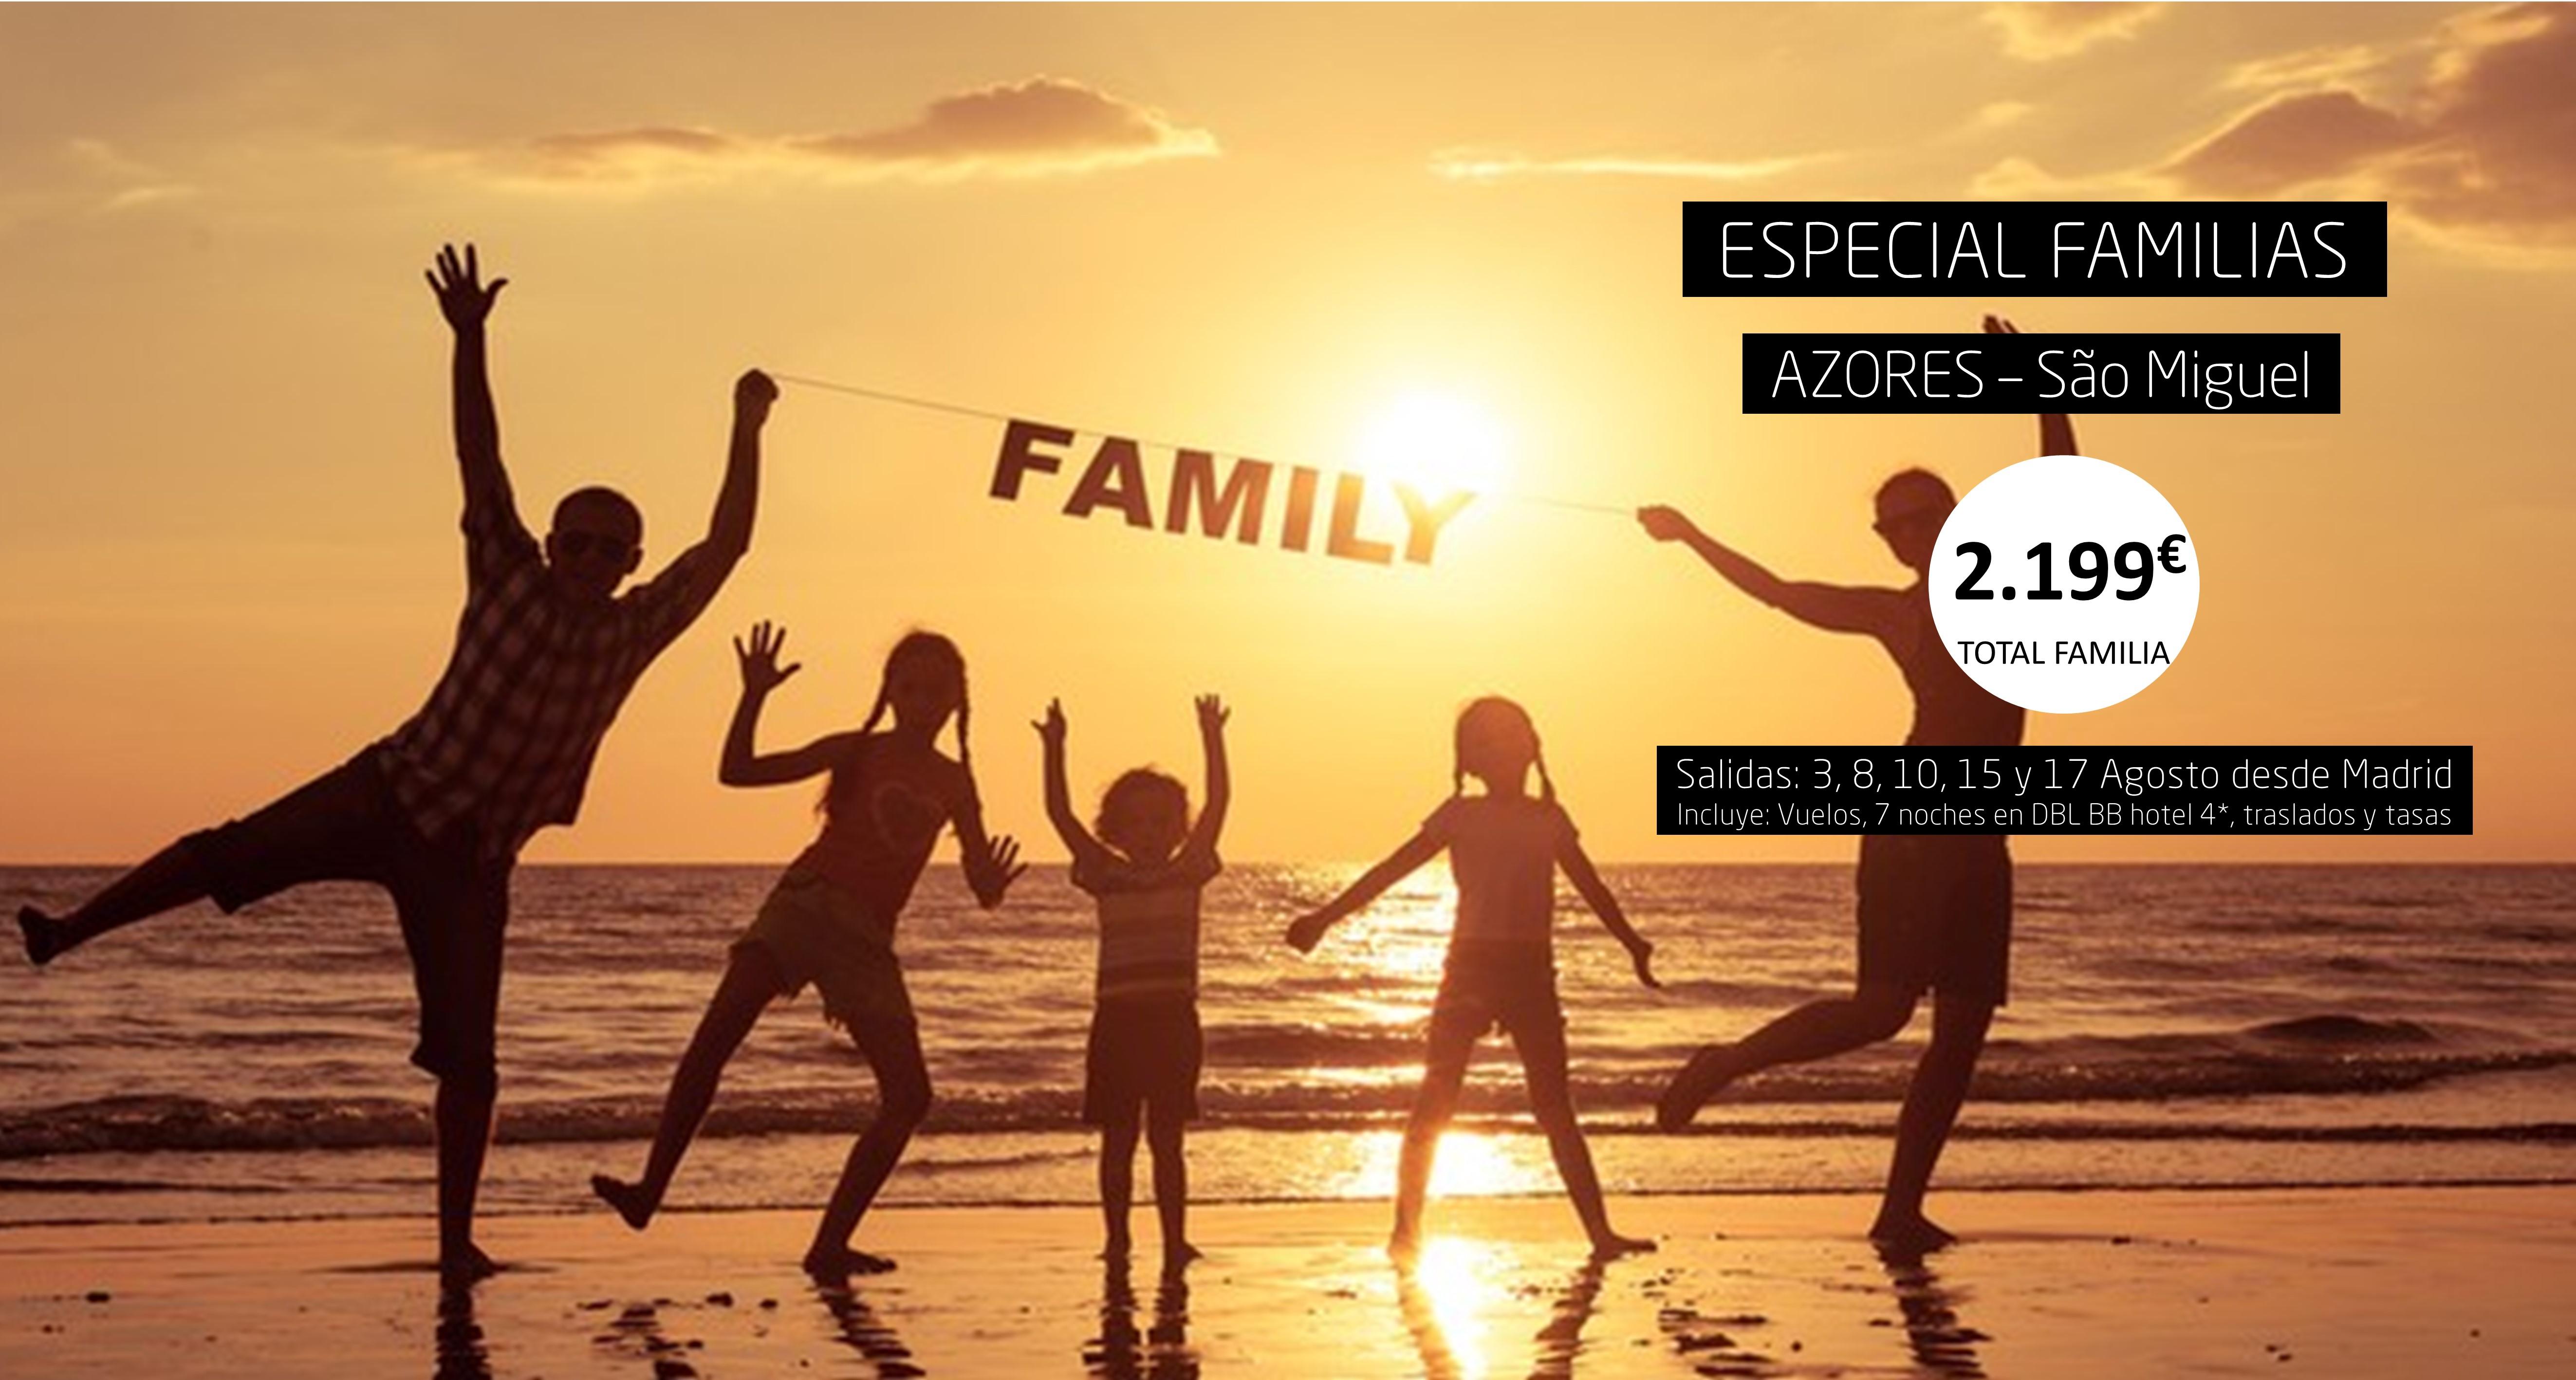 ESPECIAL FAMILIAS SAO MIGUEL